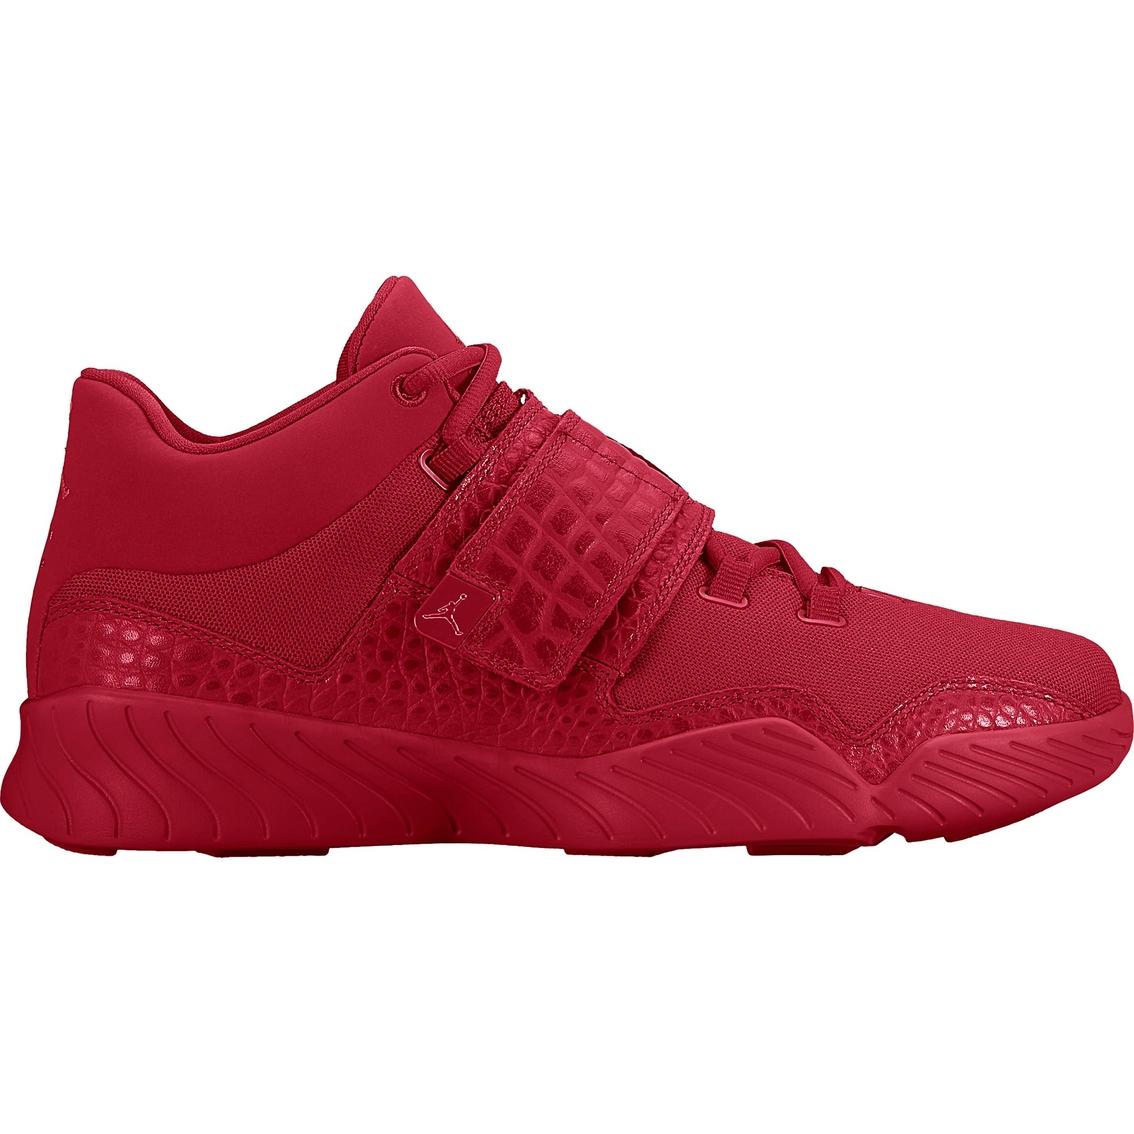 b94fc3e8605 Jordan Men's J23 Shoes | Sneakers & Lifestyle | Shoes | Shop The ...